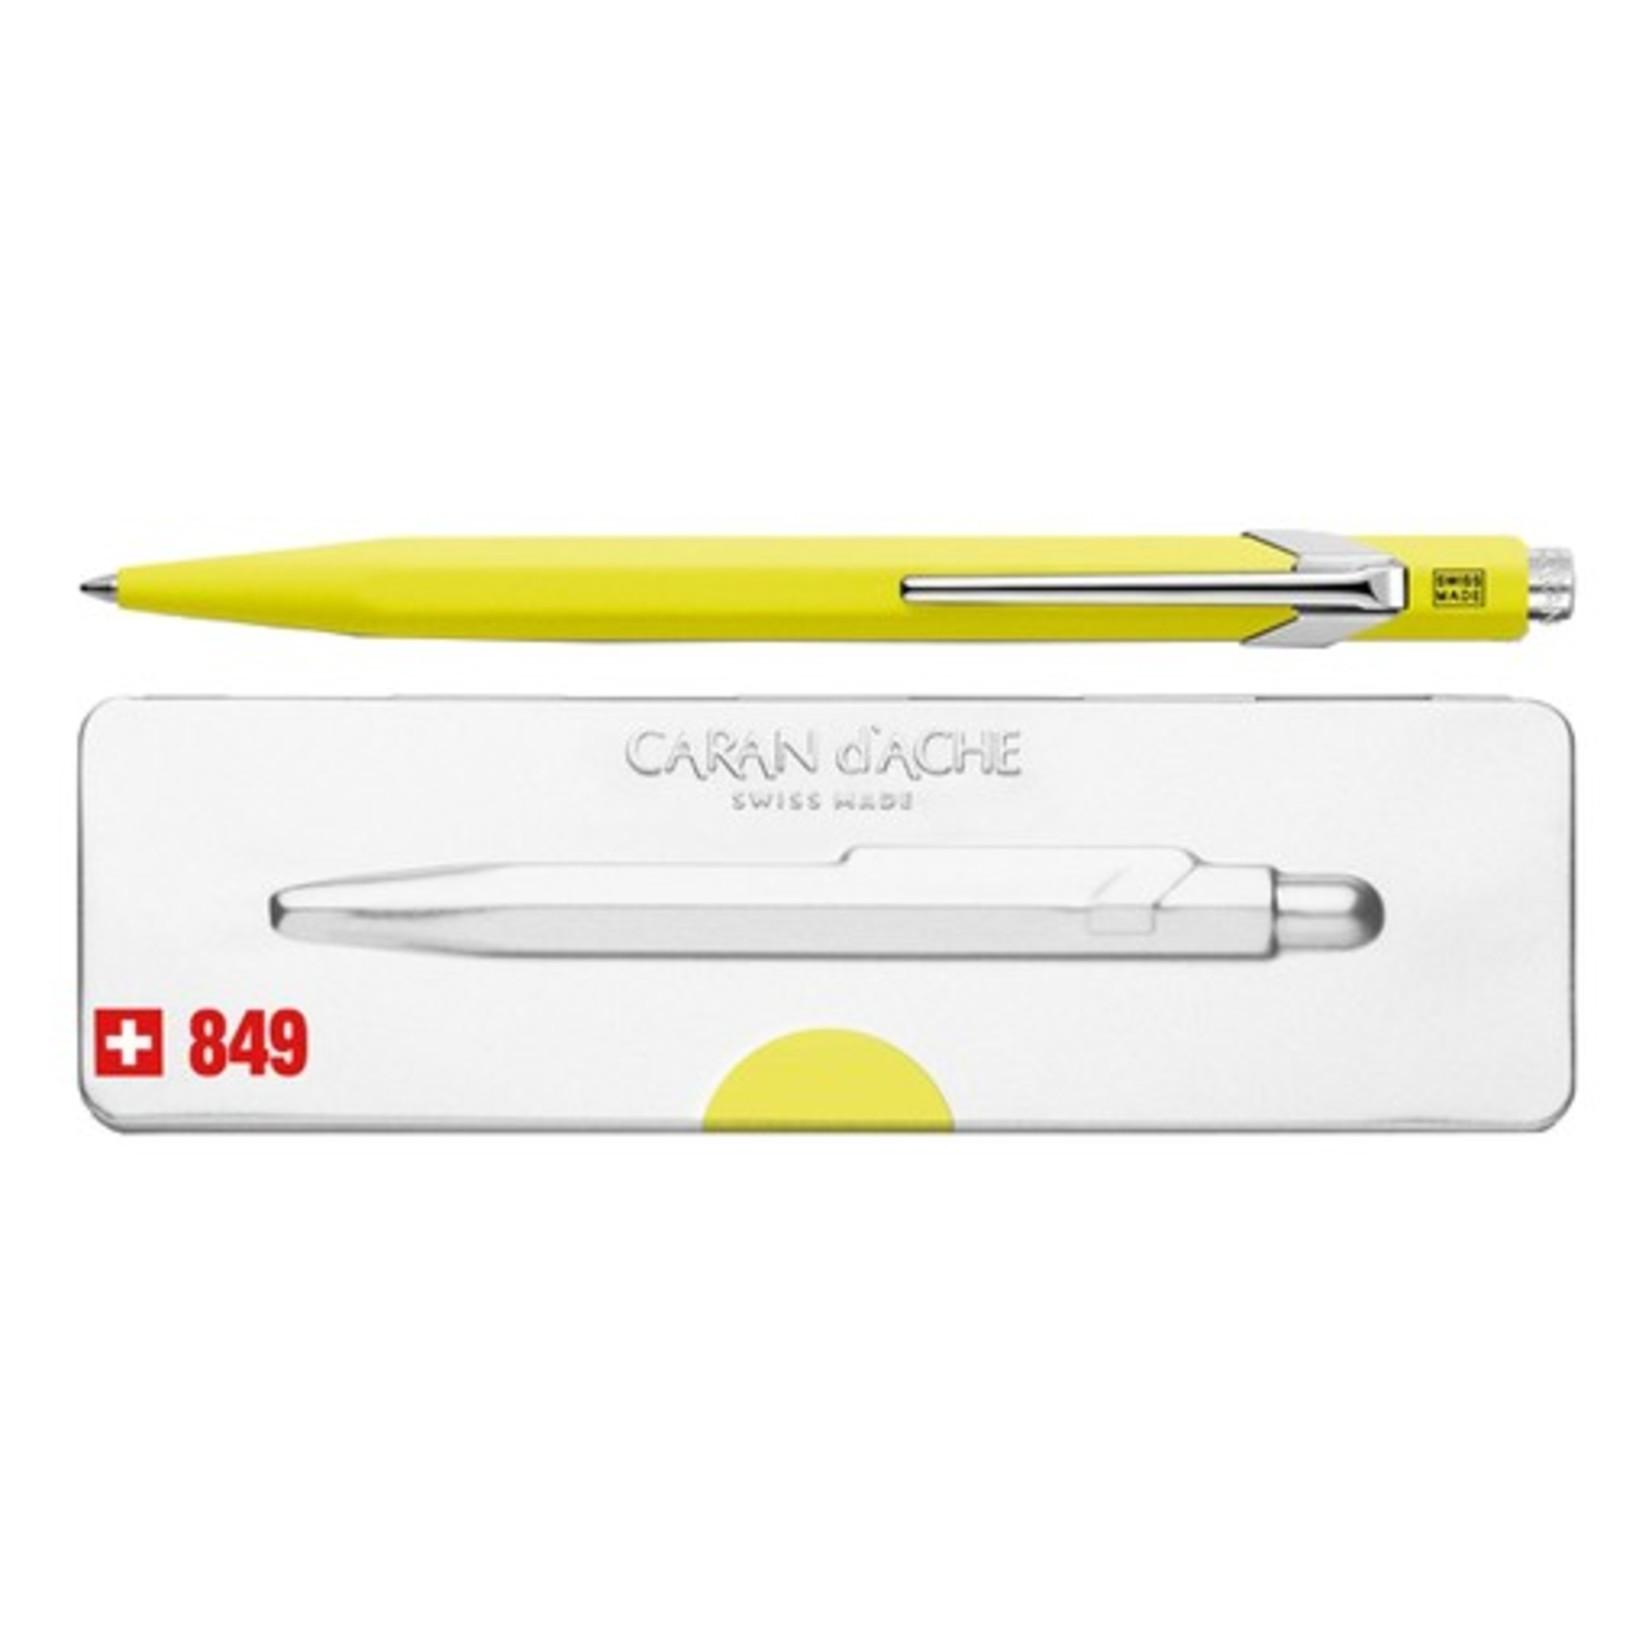 Caran d'Ache 849 Pop Line Kugelschreiber mit Etui, gelb